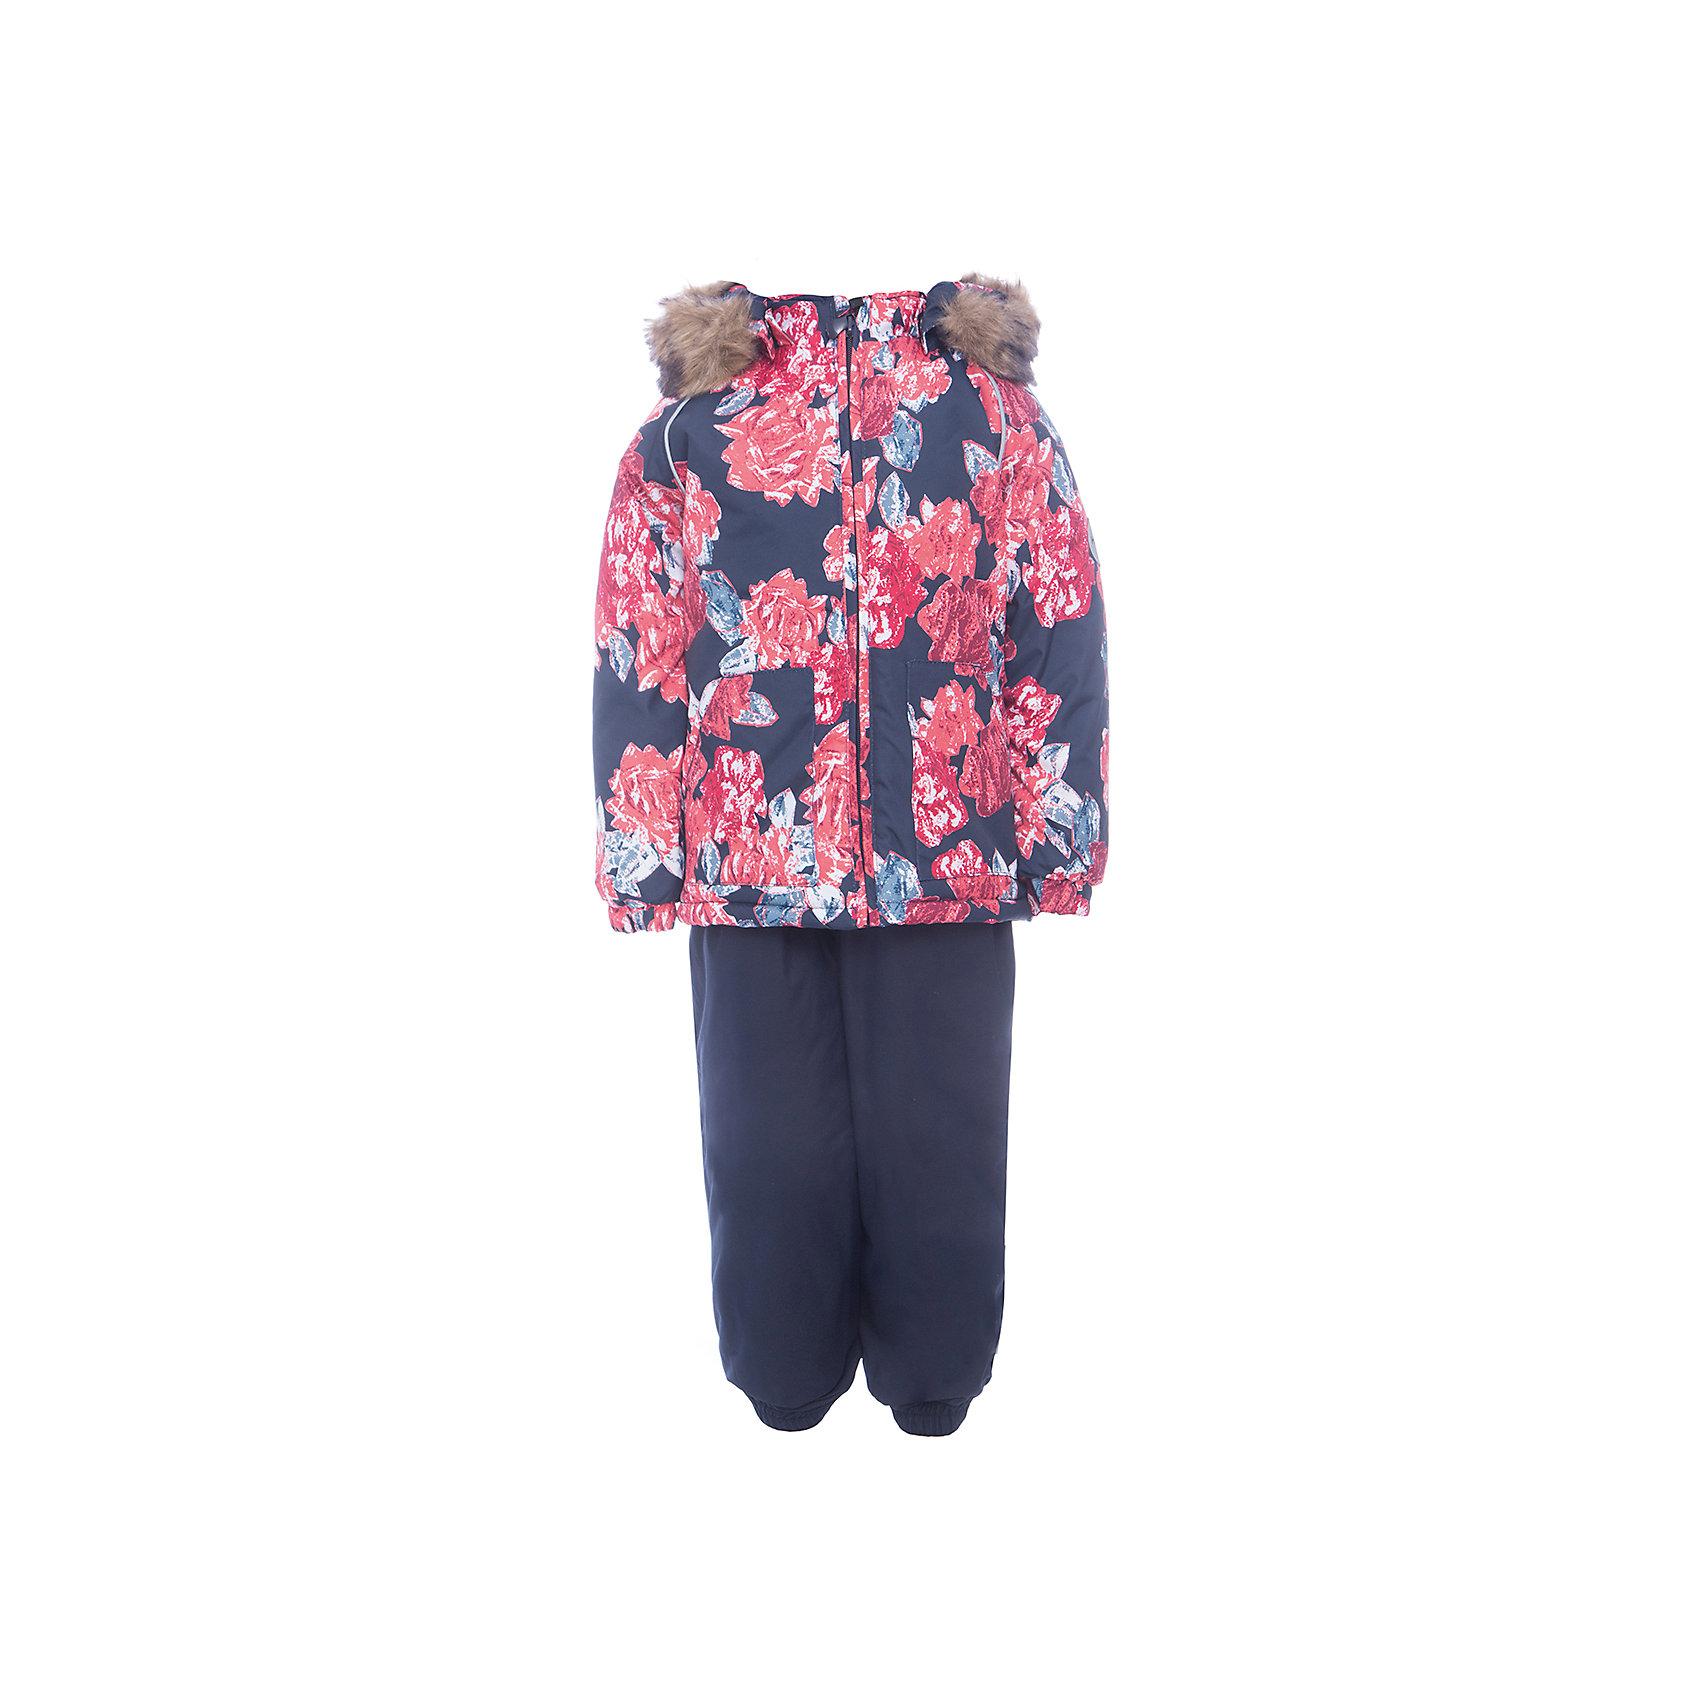 Комплект: куртка и брюки AVERY HuppaКомплекты<br>Комплект для малышей  AVERY.Водо и воздухонепроницаемость 10 000 . Утеплитель 300 гр куртка/160 гр брюки. Подкладка фланель 100% хлопок.Отстегивающийся капюшон с мехом.Манжеты рукавов на резинке. Манжеты брюк на резинке.Добавлены петли для ступней.Резиновые подтяжки.Имеются светоотражательные элементы.<br>Состав:<br>100% Полиэстер<br><br>Ширина мм: 356<br>Глубина мм: 10<br>Высота мм: 245<br>Вес г: 519<br>Цвет: синий<br>Возраст от месяцев: 36<br>Возраст до месяцев: 48<br>Пол: Унисекс<br>Возраст: Детский<br>Размер: 104,80,86,92,98<br>SKU: 7026970